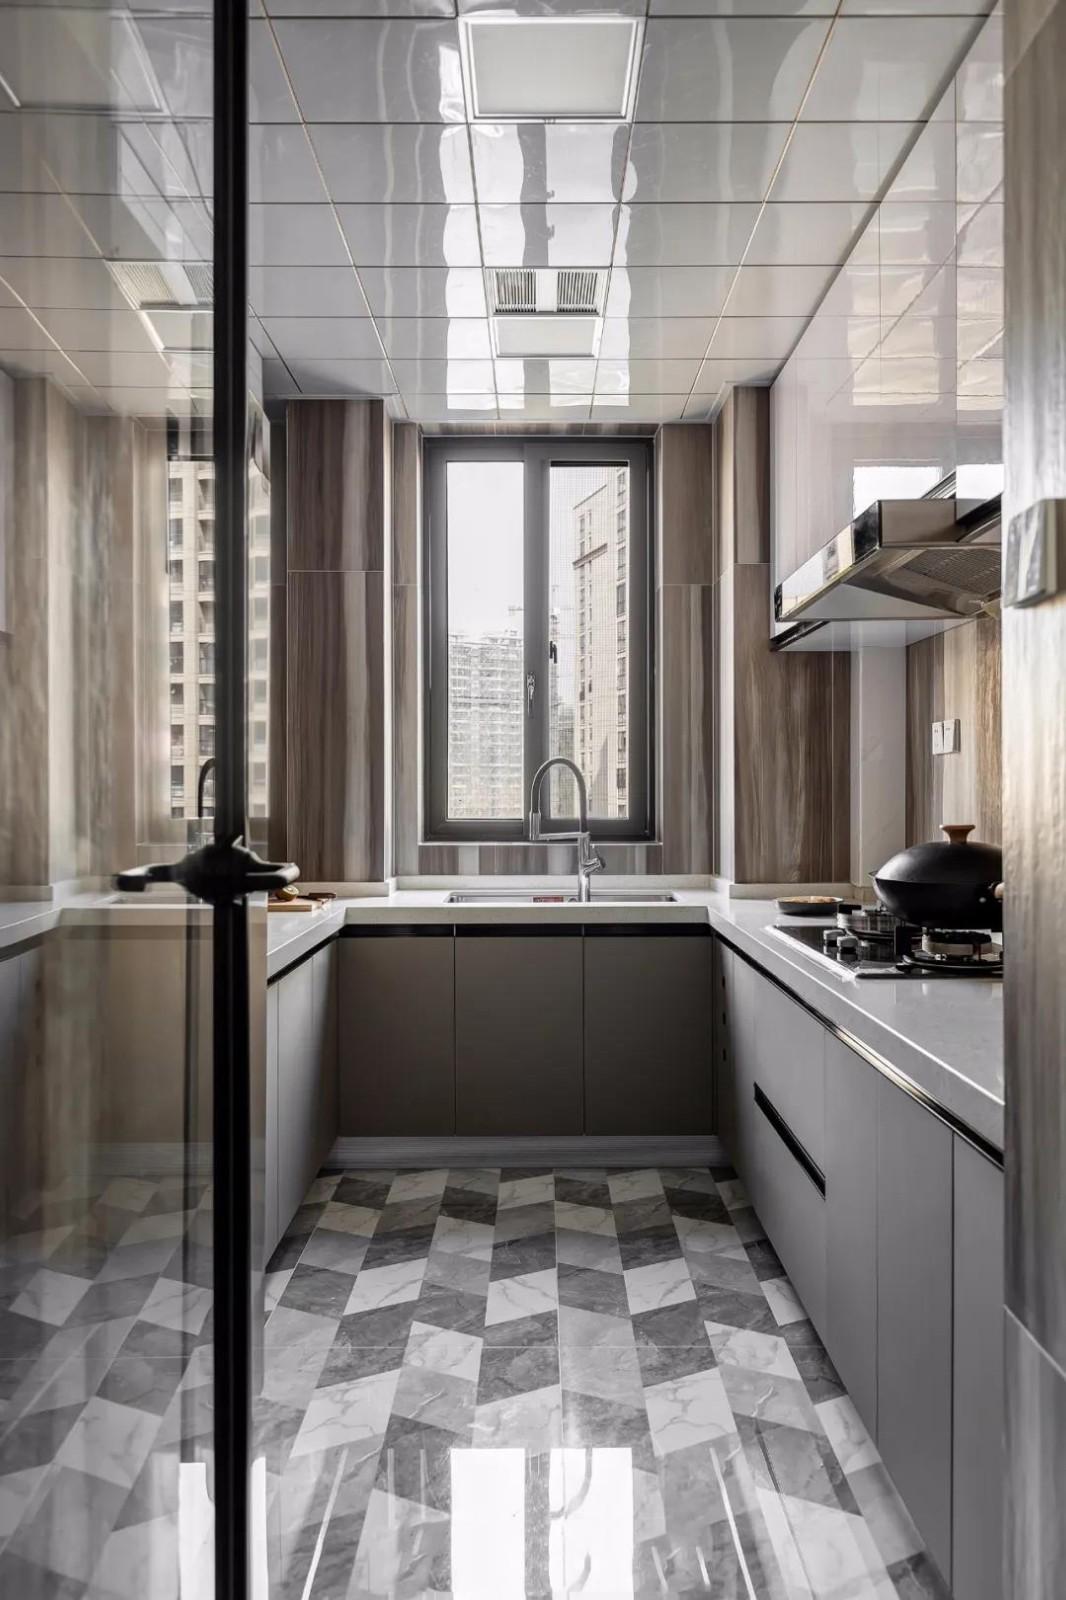 2020簡約廚房裝修圖 2020簡約地磚裝修設計